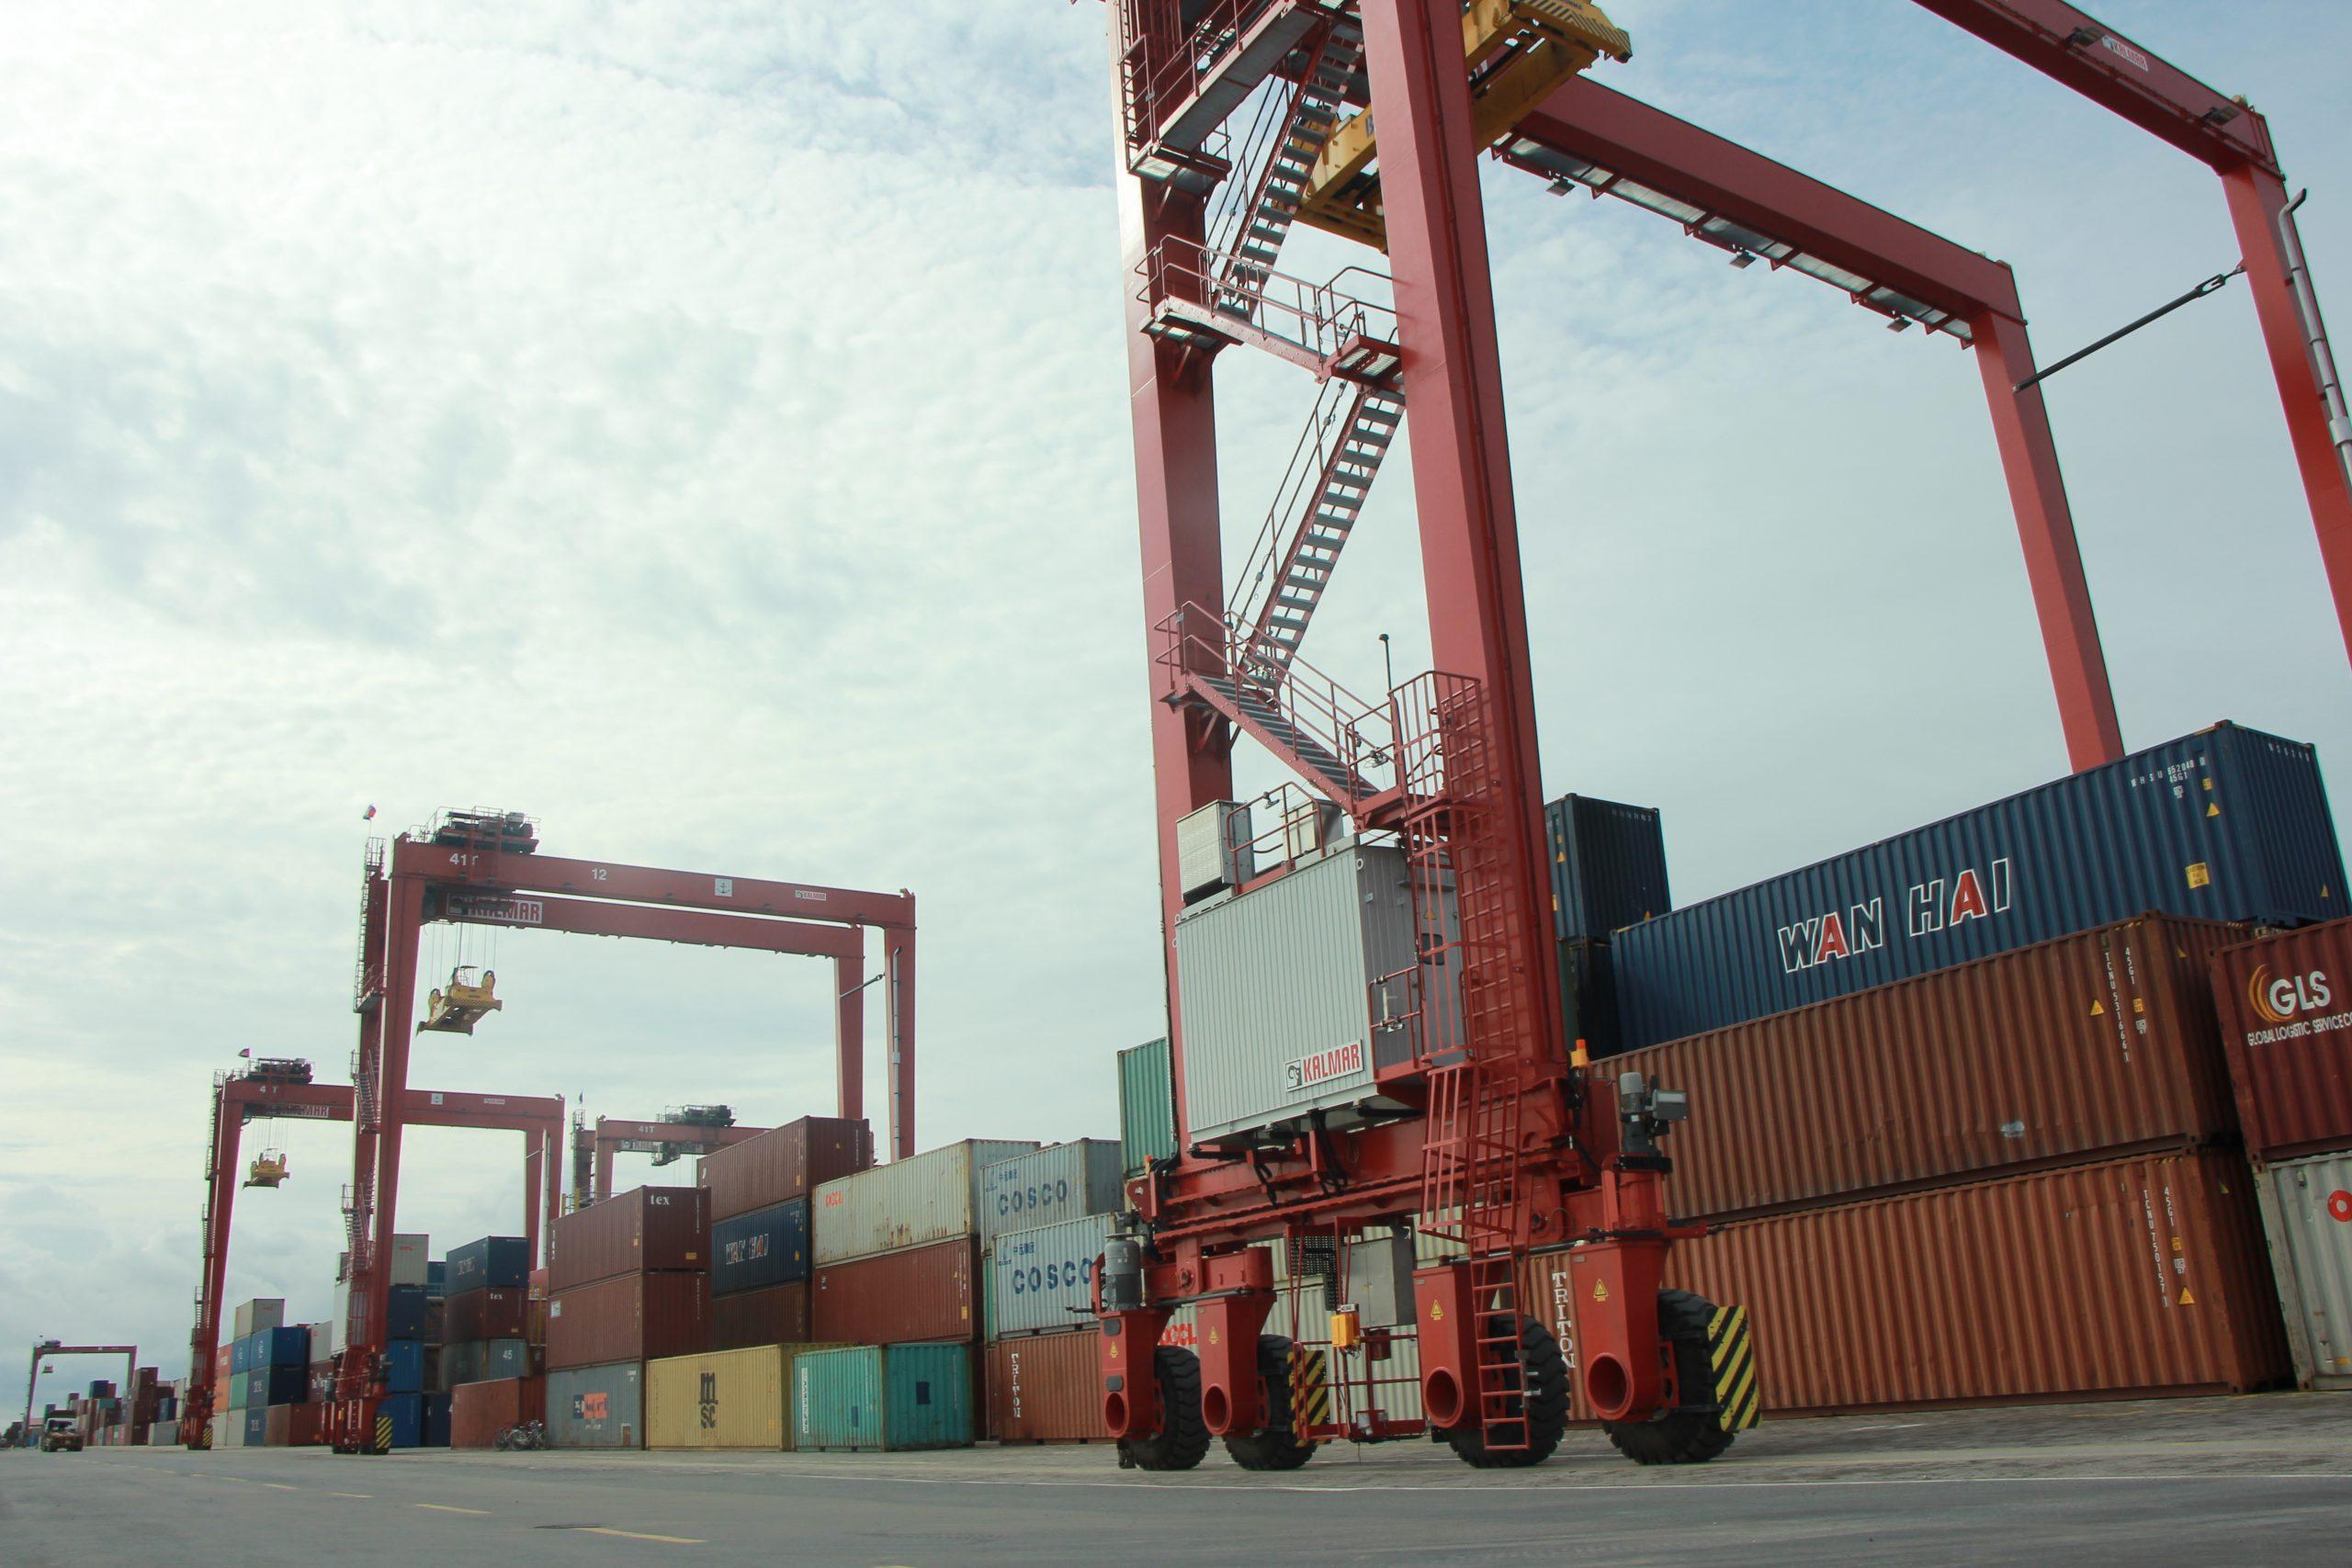 金边自治港LM17集装箱堆场完成再度扩容